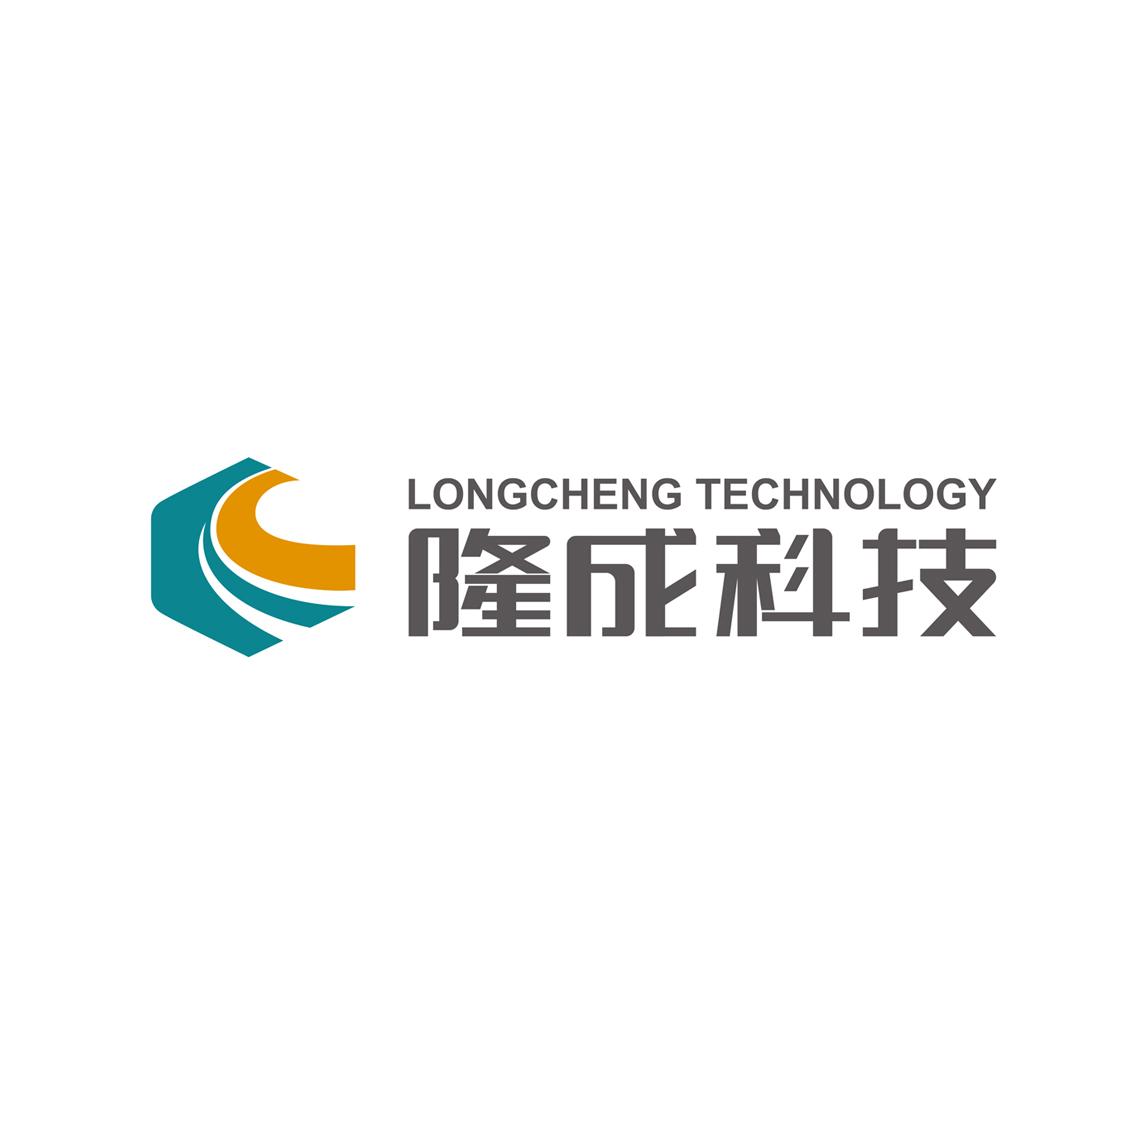 苏州隆成电子设备有限公司